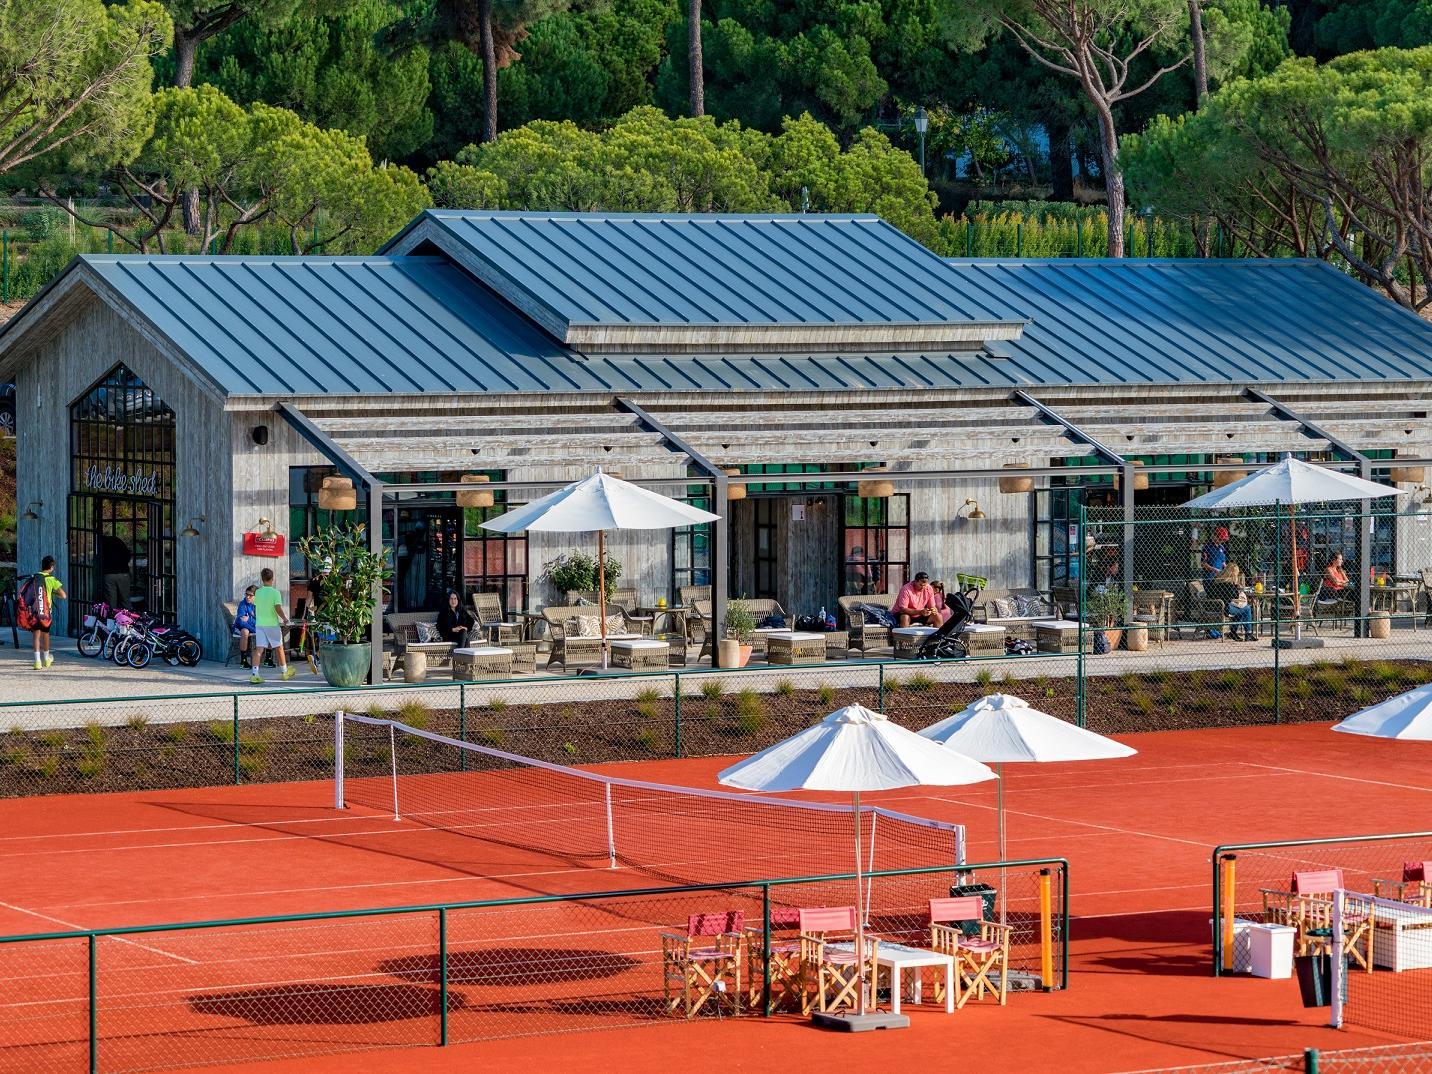 Exterior Tennis court -The Magnolia Hotel